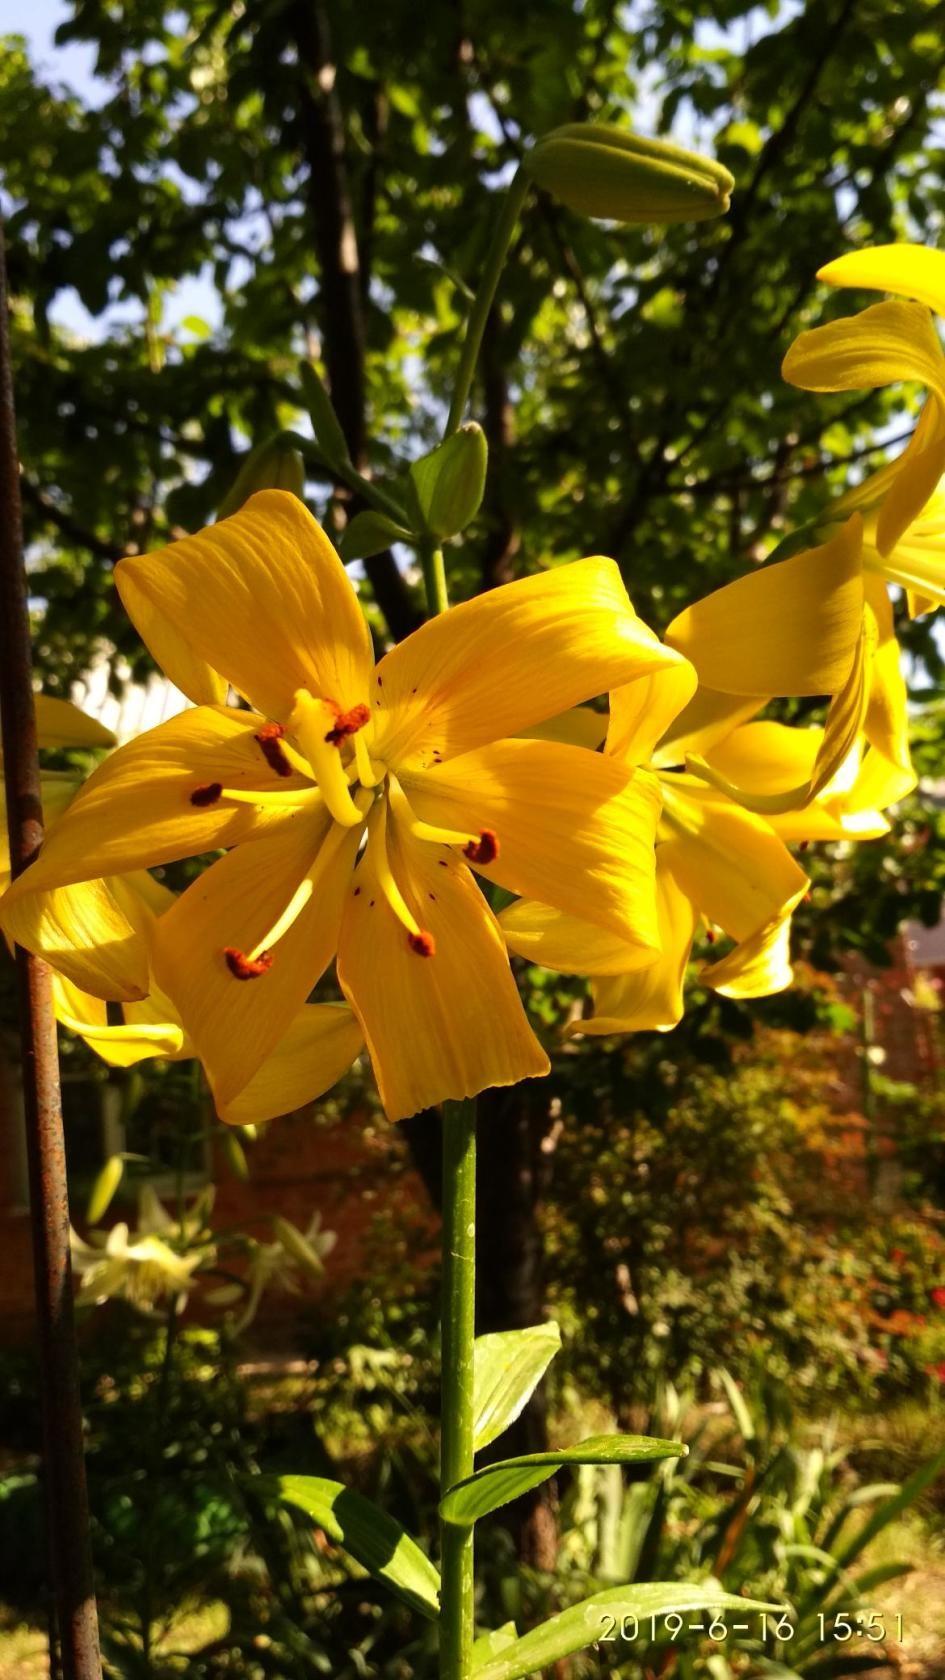 Желтый. Блиц: желтые цветы